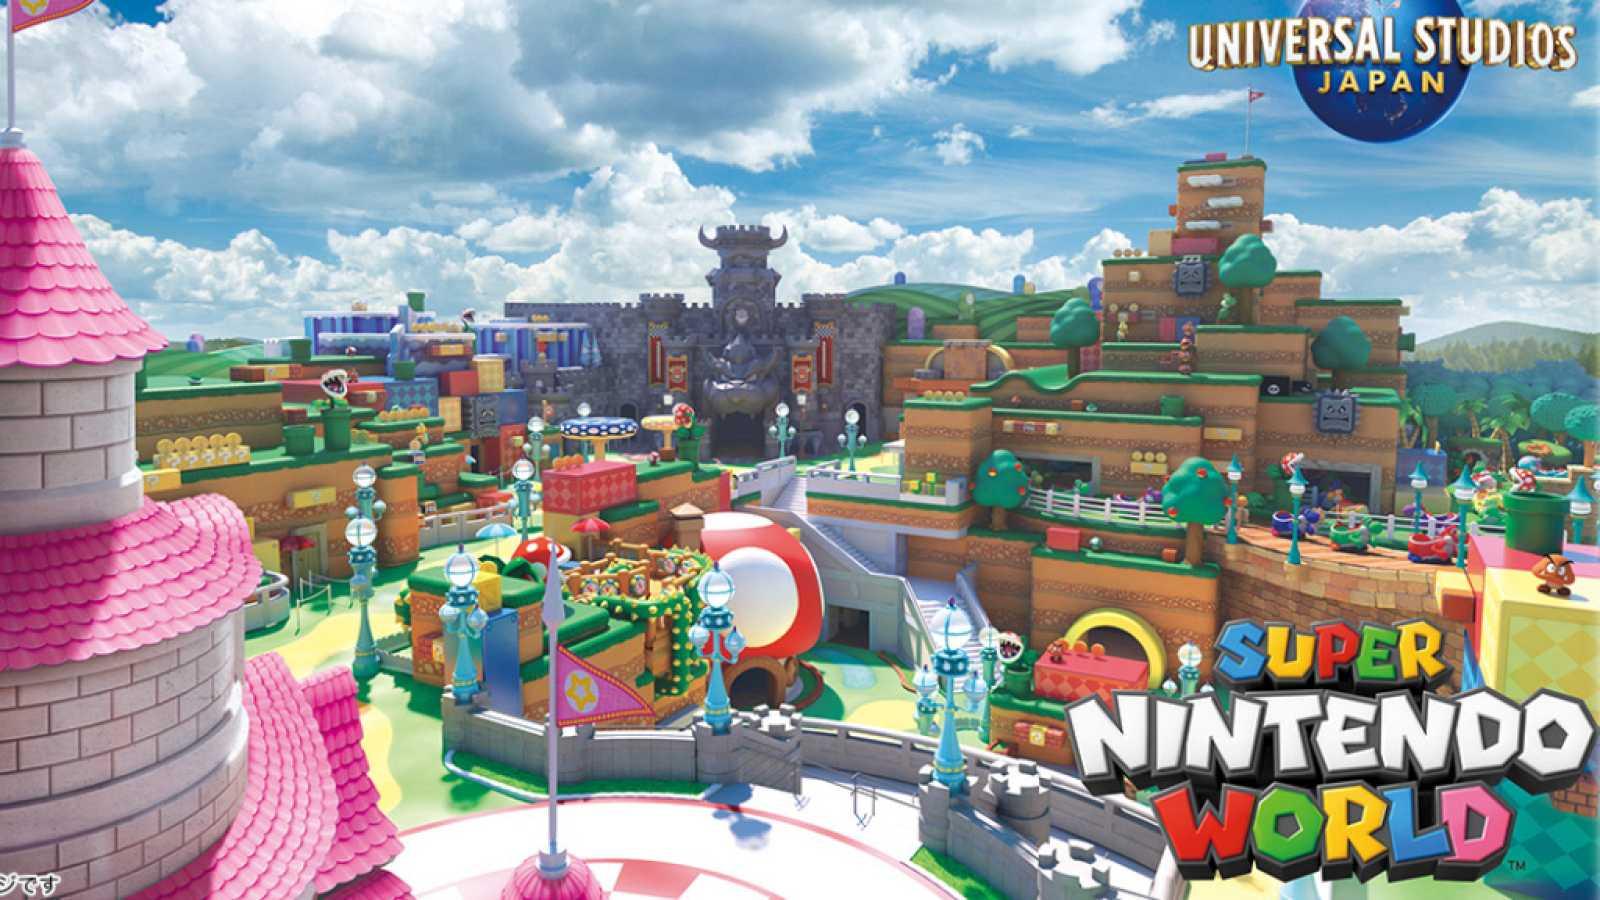 Super Nintendo World abrirá sus puertas en primavera de 2021